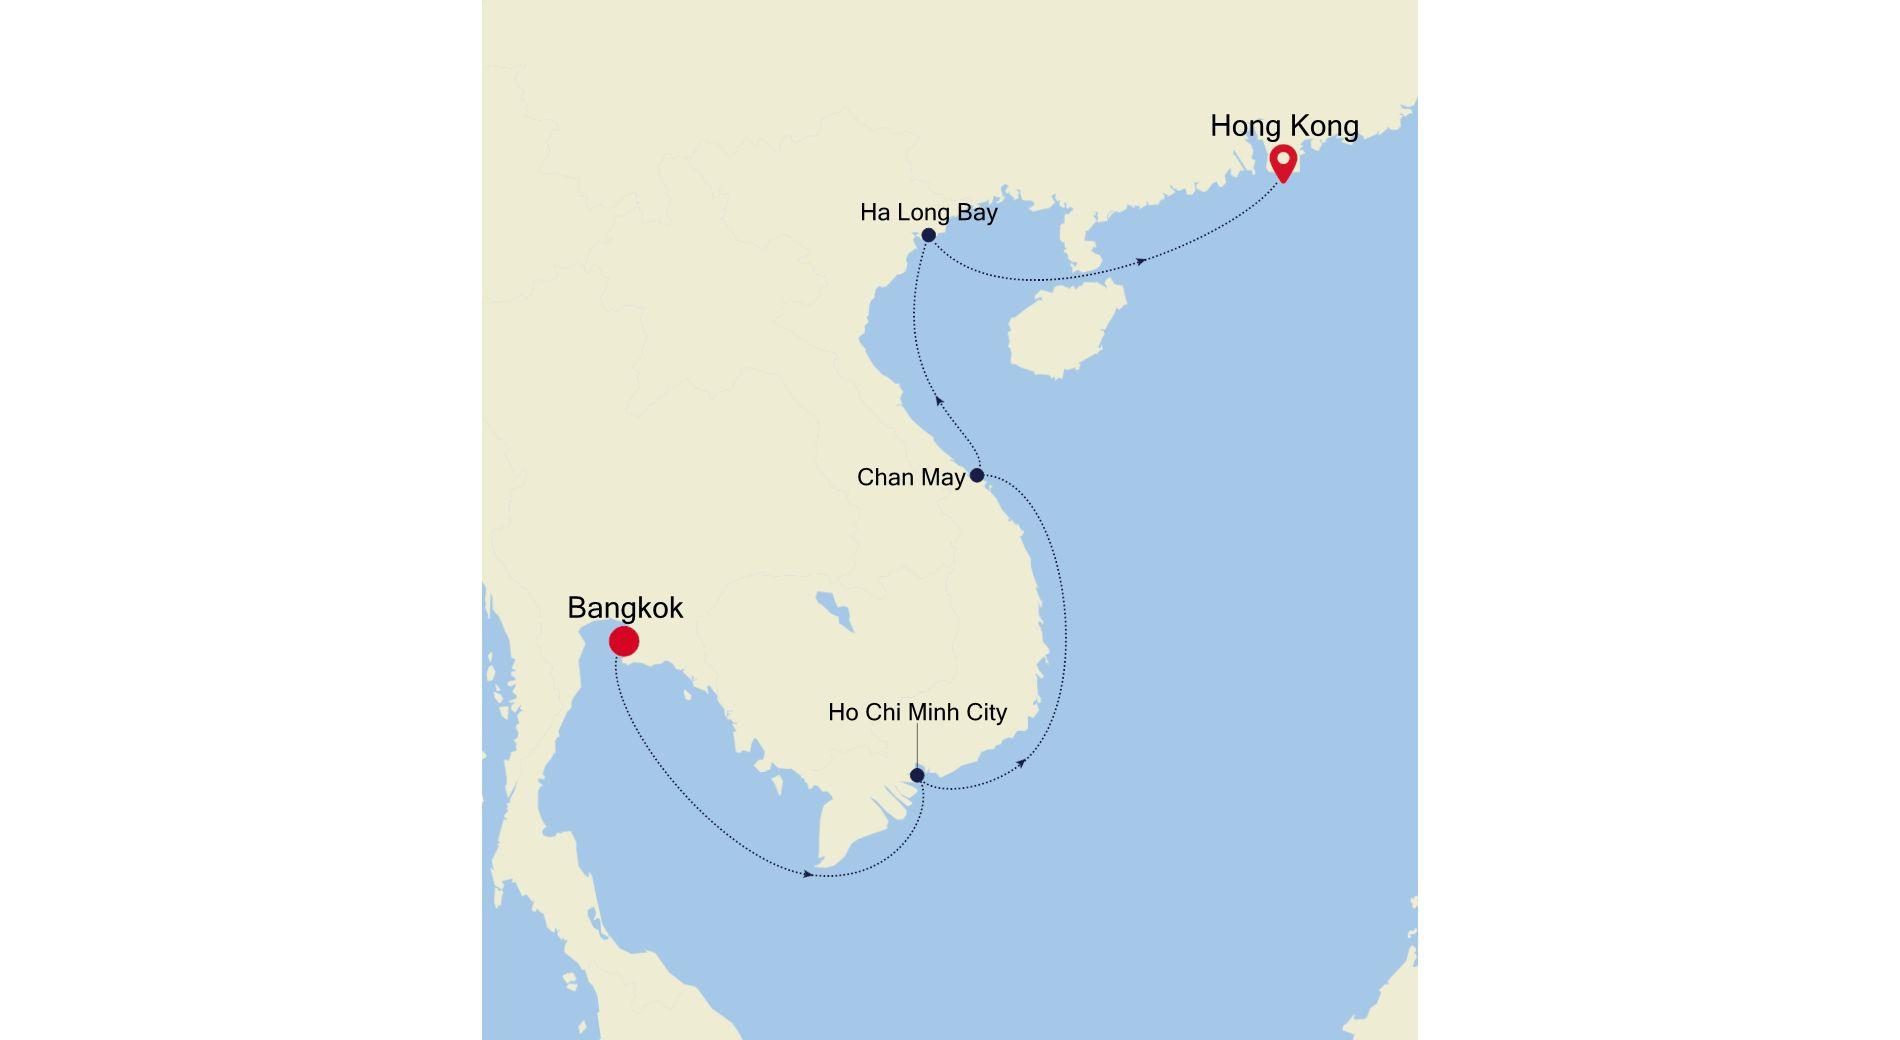 MO220108S11 - Bangkok to Hong Kong